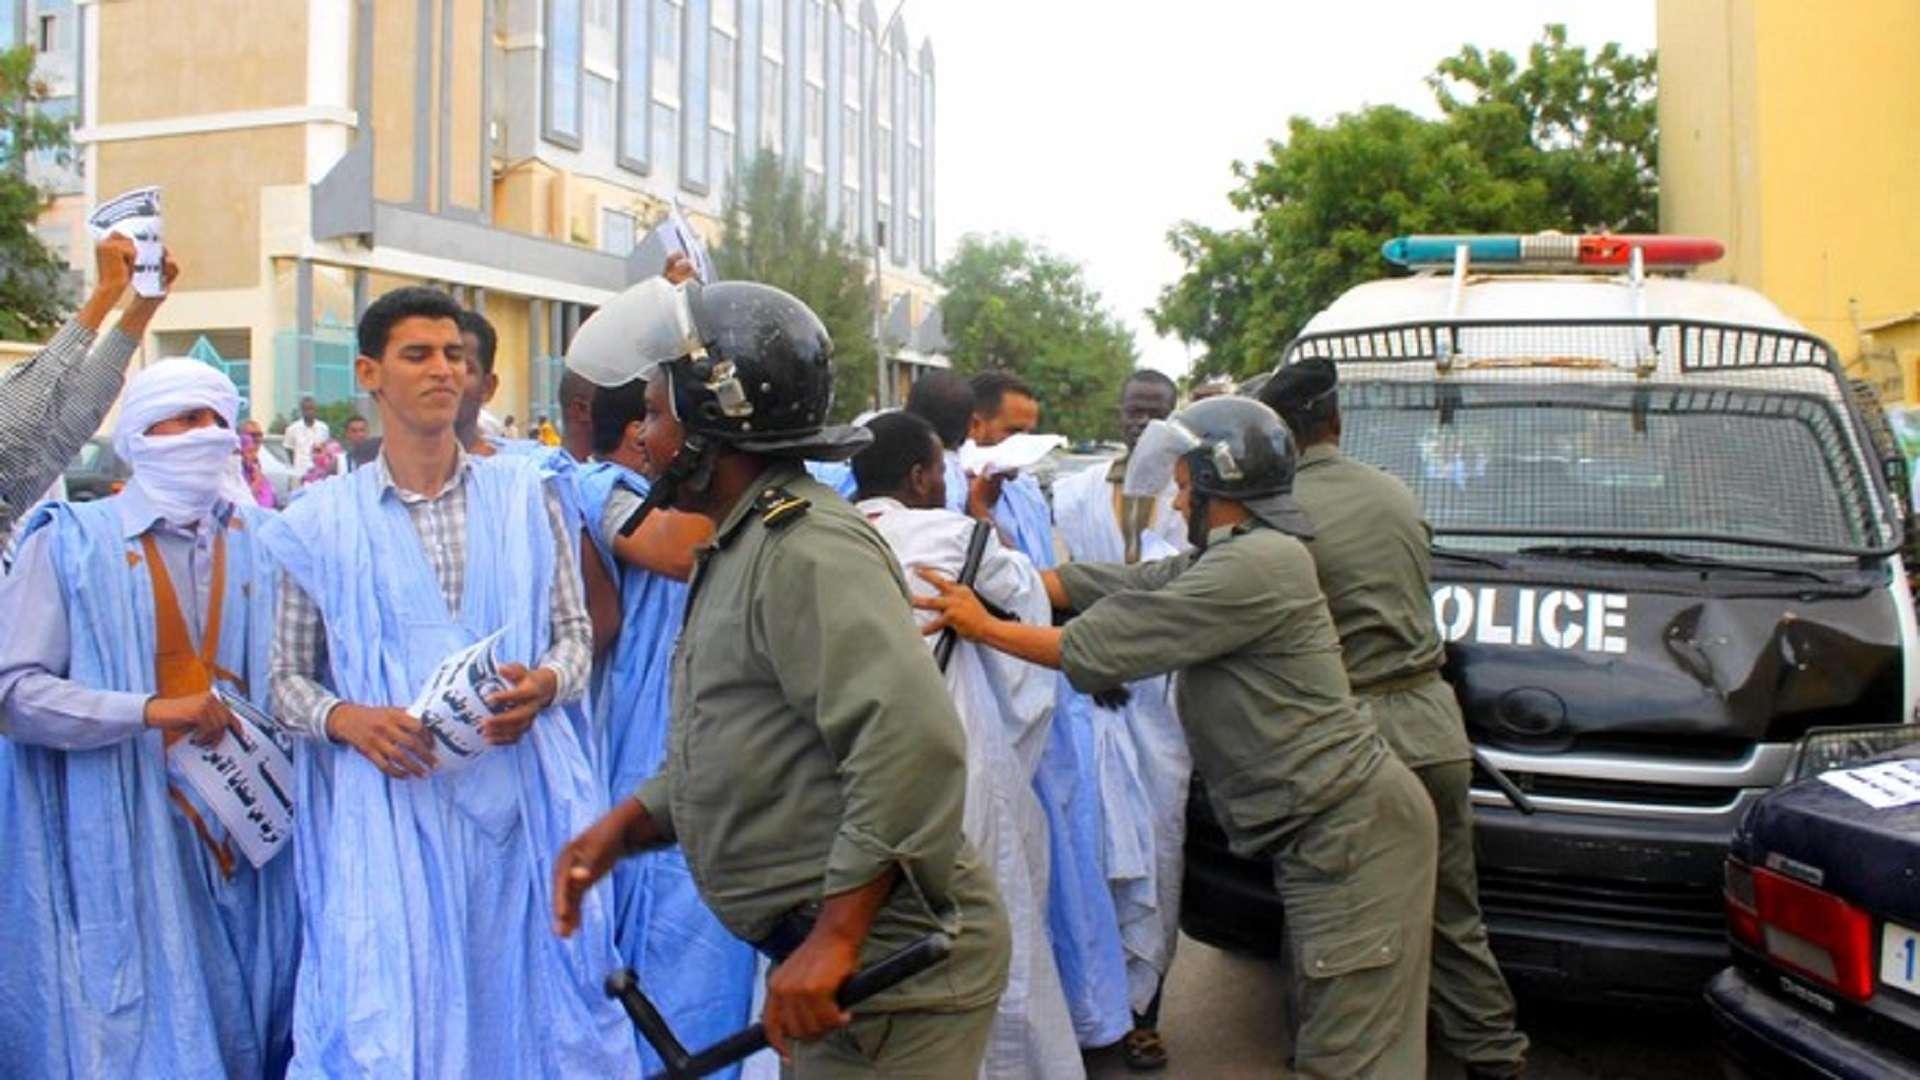 توجيه الانتقادات العلنية يجابه بالاعتقالات التعسفية في موريتانيا